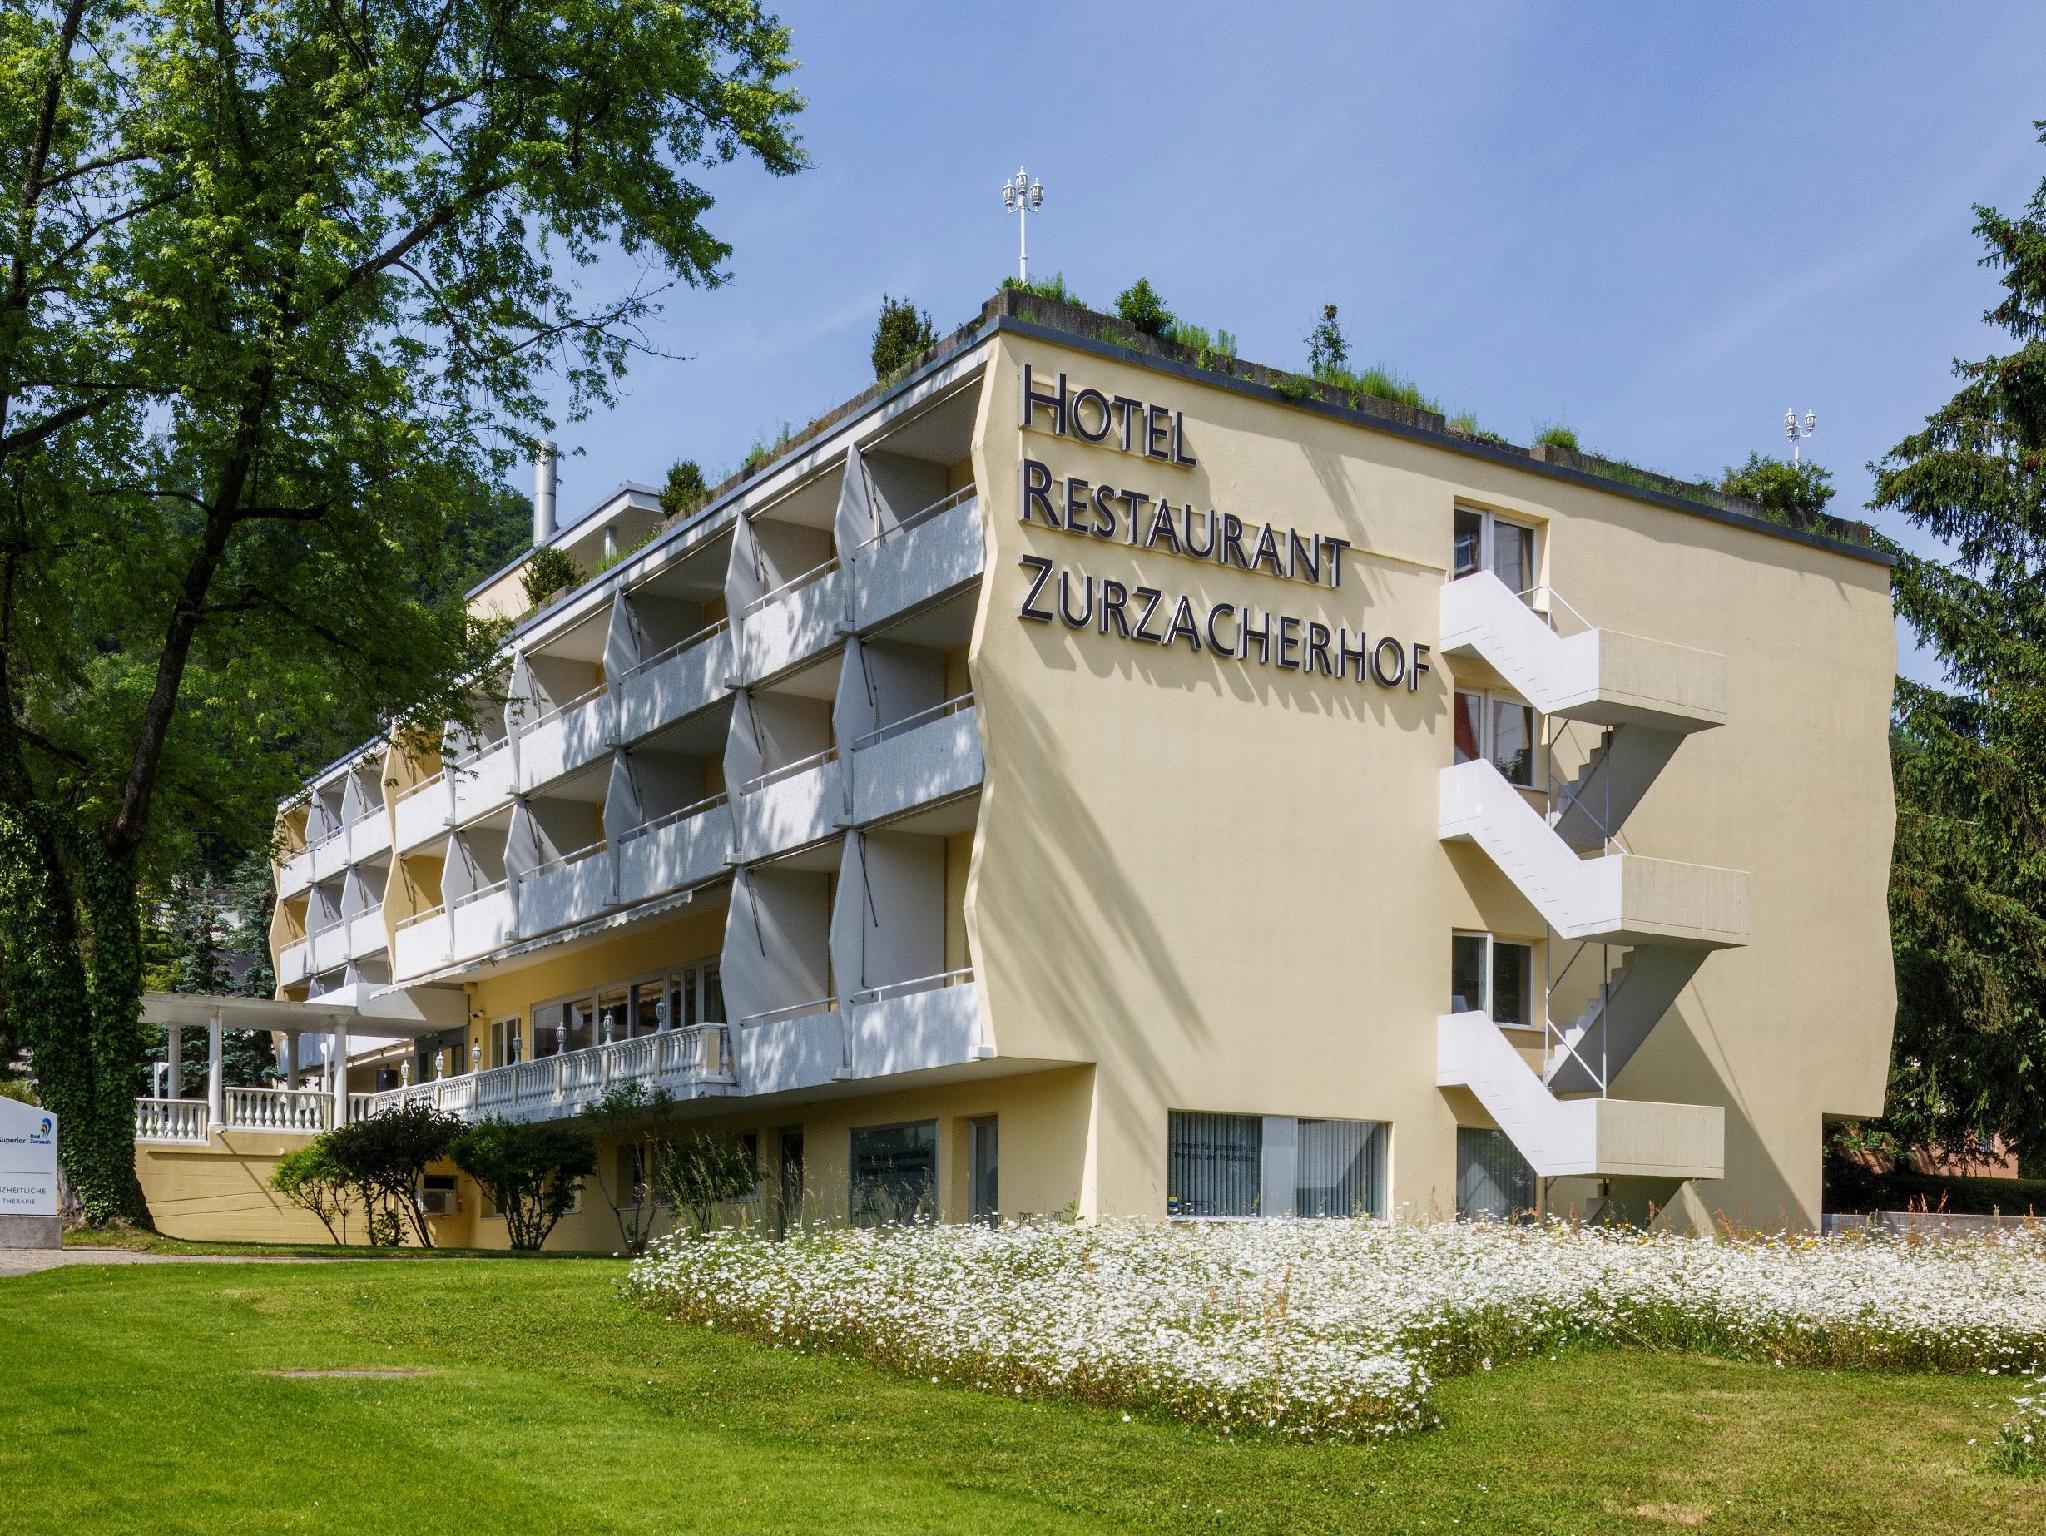 Zurzacherhof Hotel